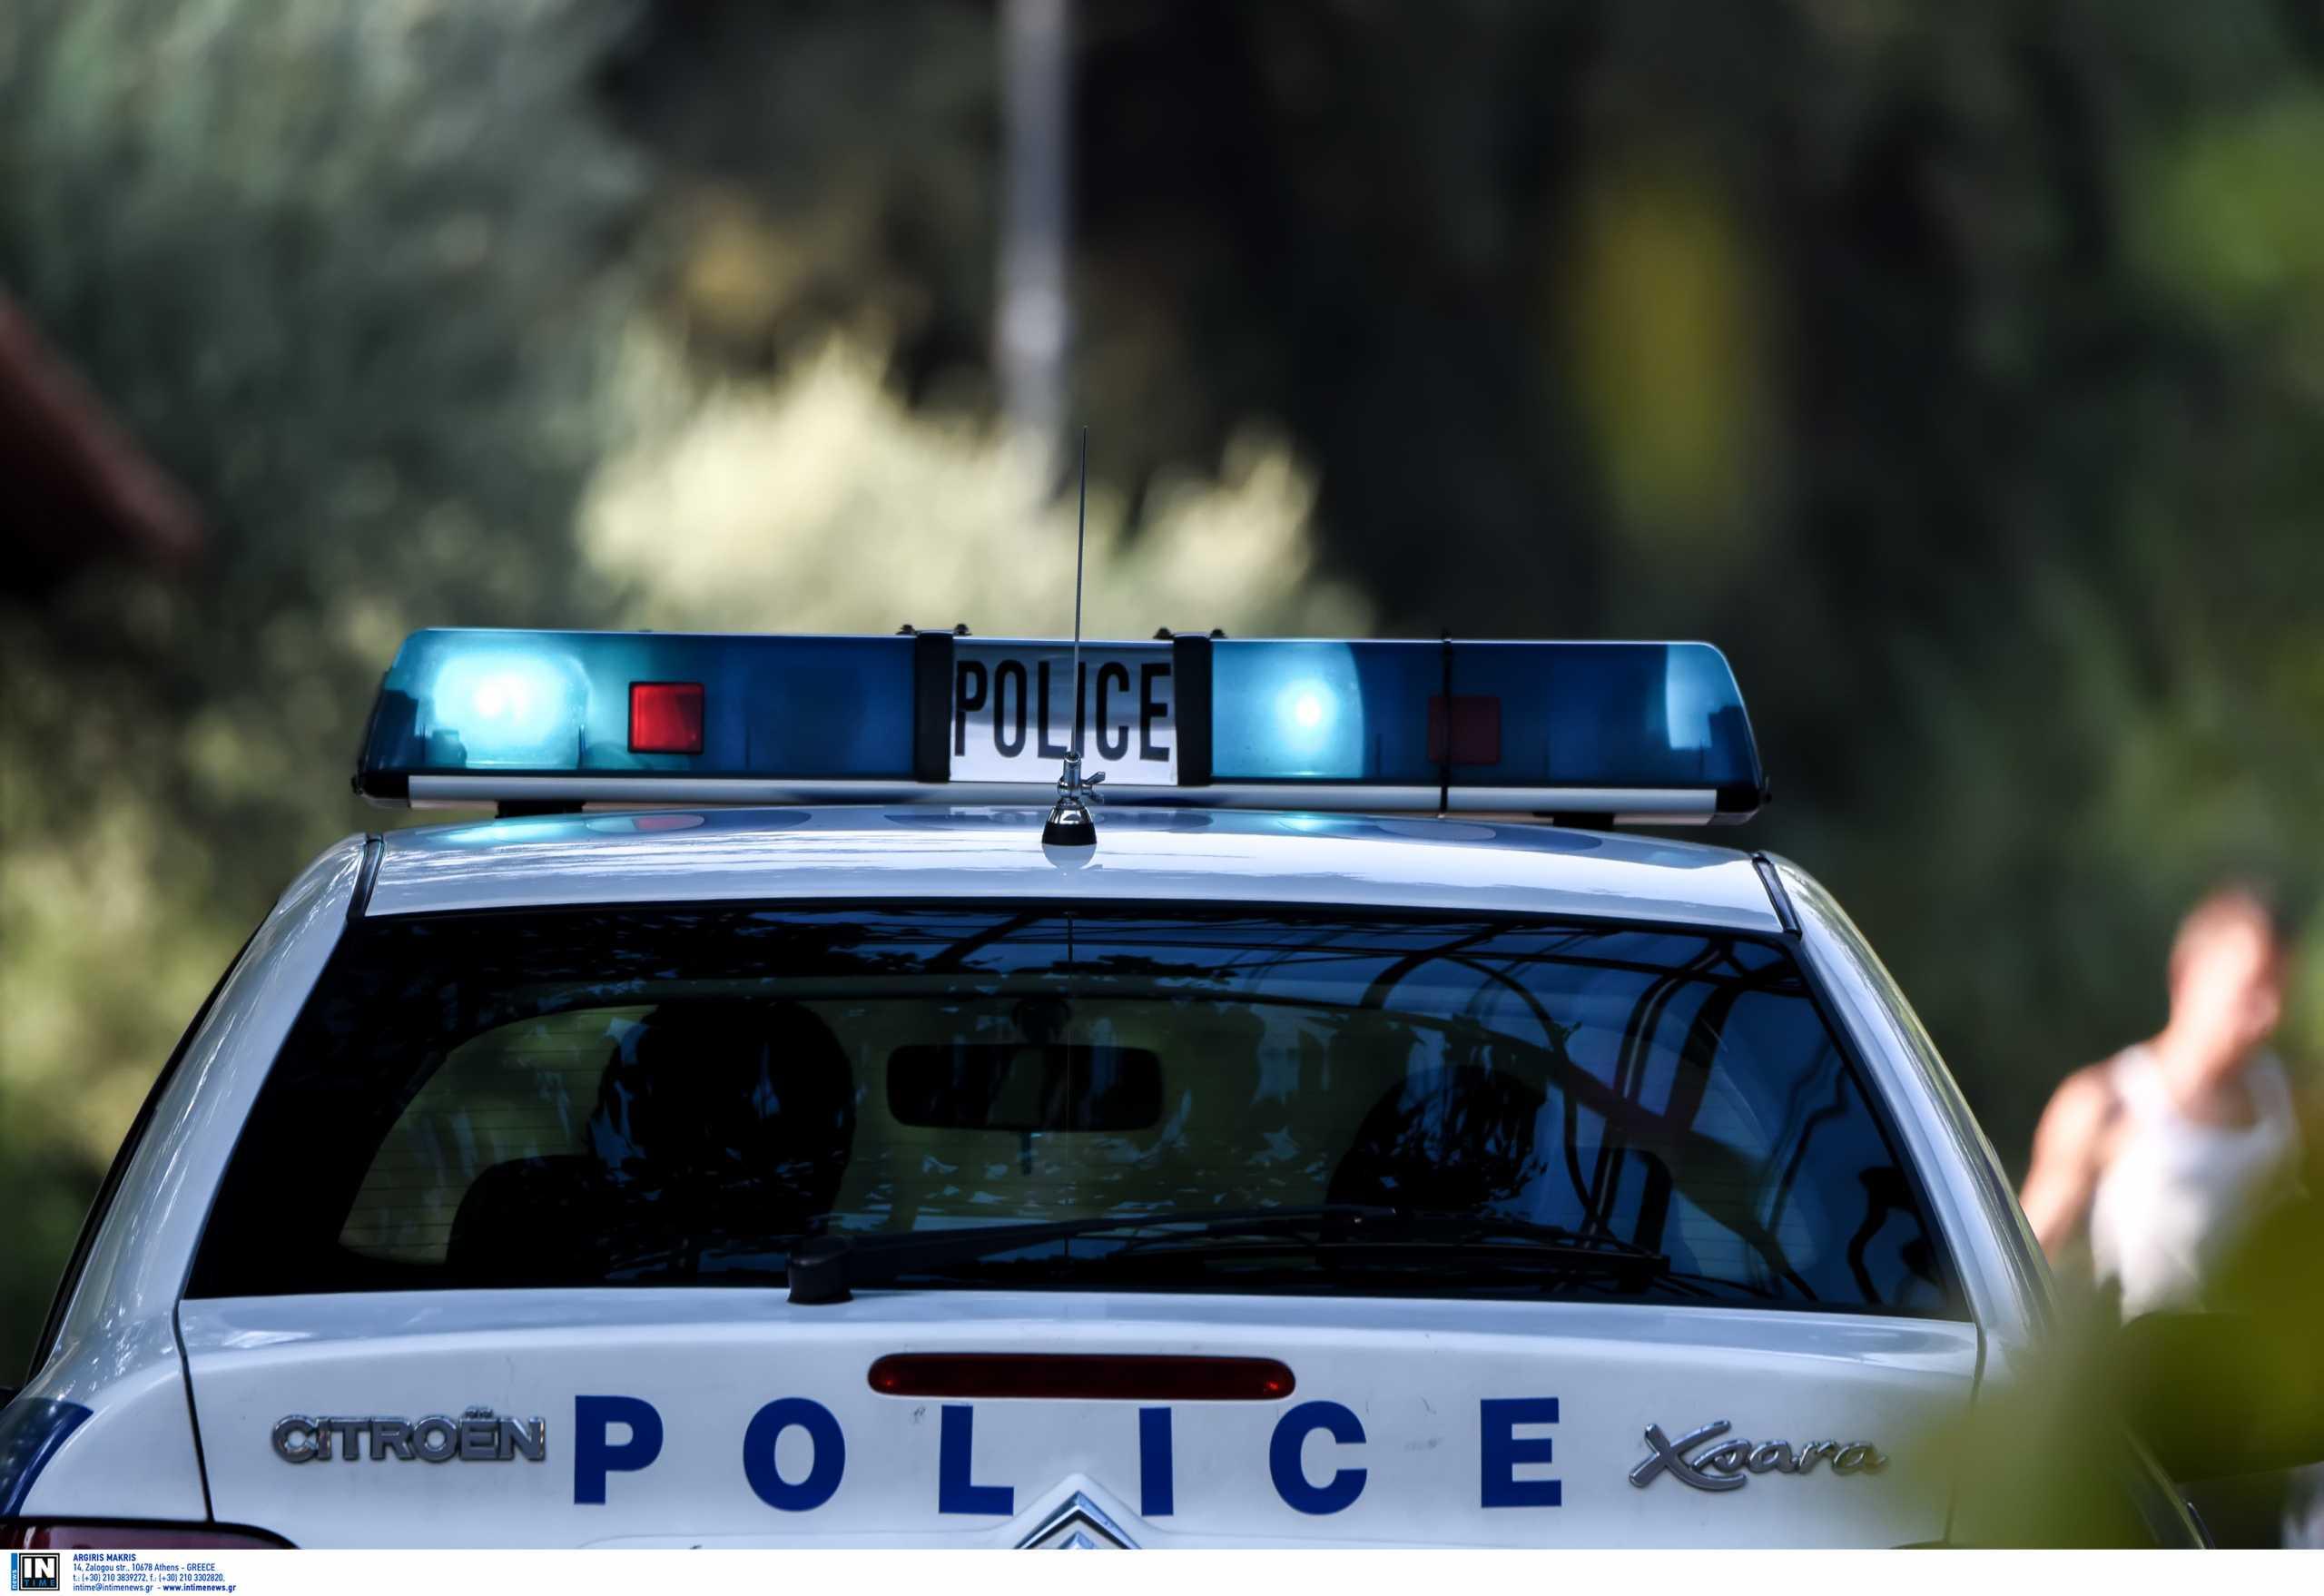 Θεσσαλονίκη: Σύλληψη 35χρονου που ήταν καταζητούμενος στην Γαλλία για μεταφορά 1,7 τόνου κοκαΐνης